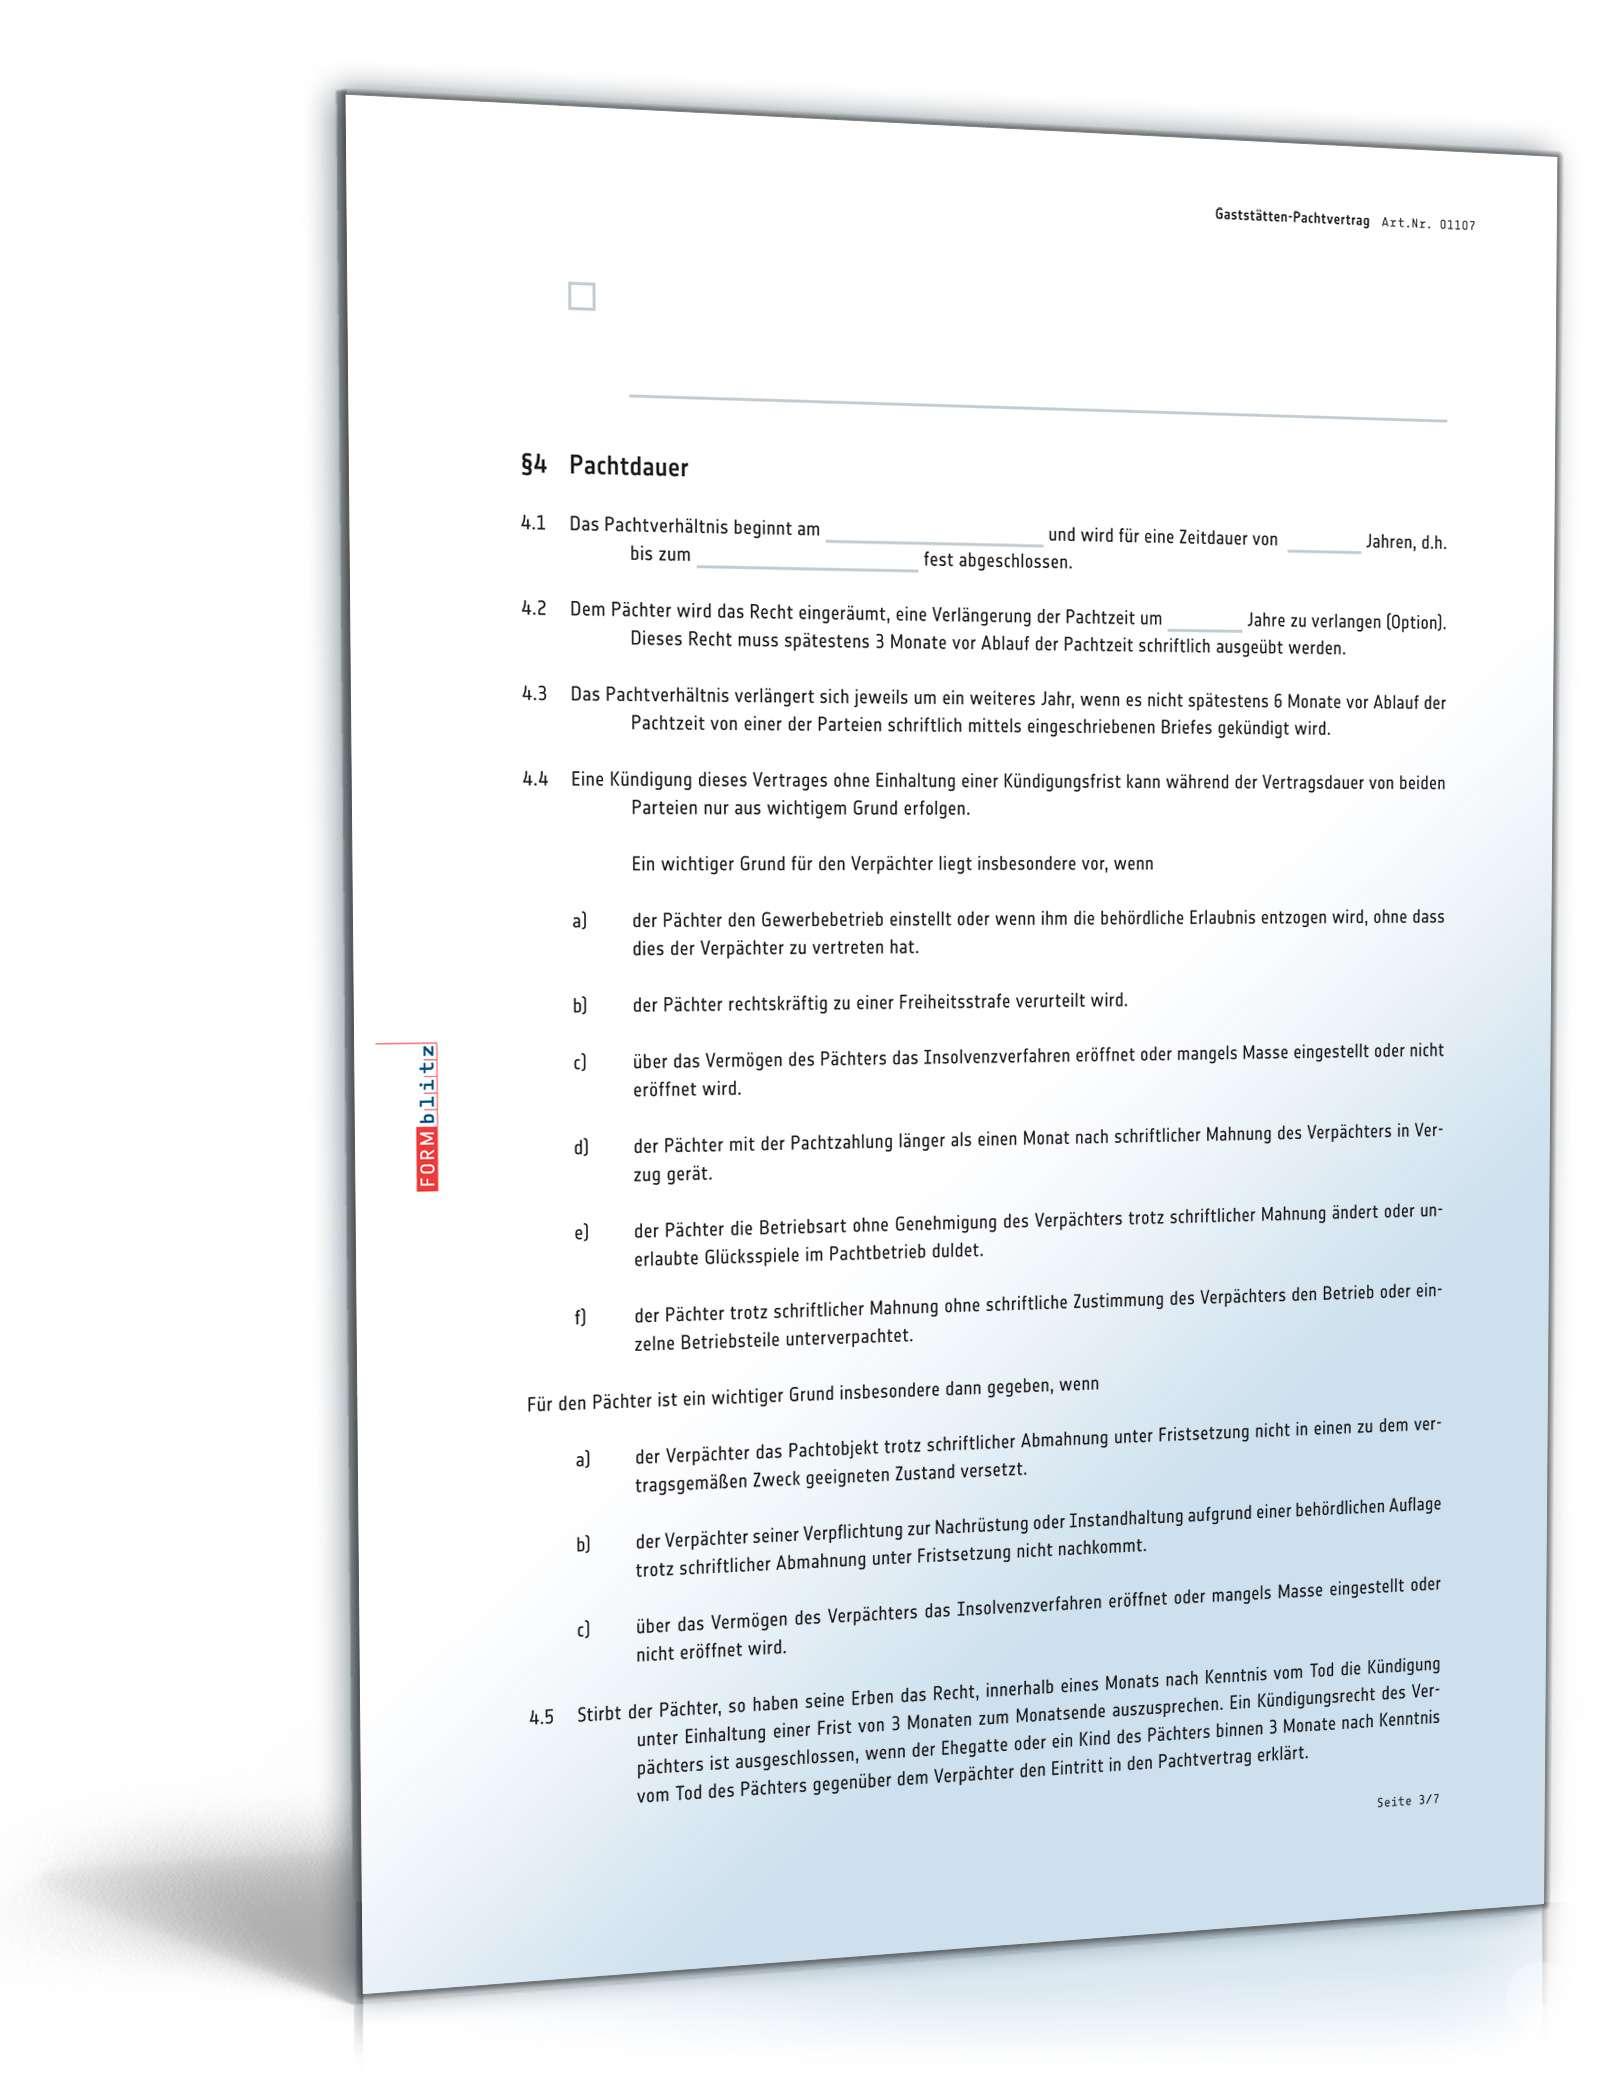 gaststaetten pachtvertrag vorlage - Kundigung Pachtvertrag Muster